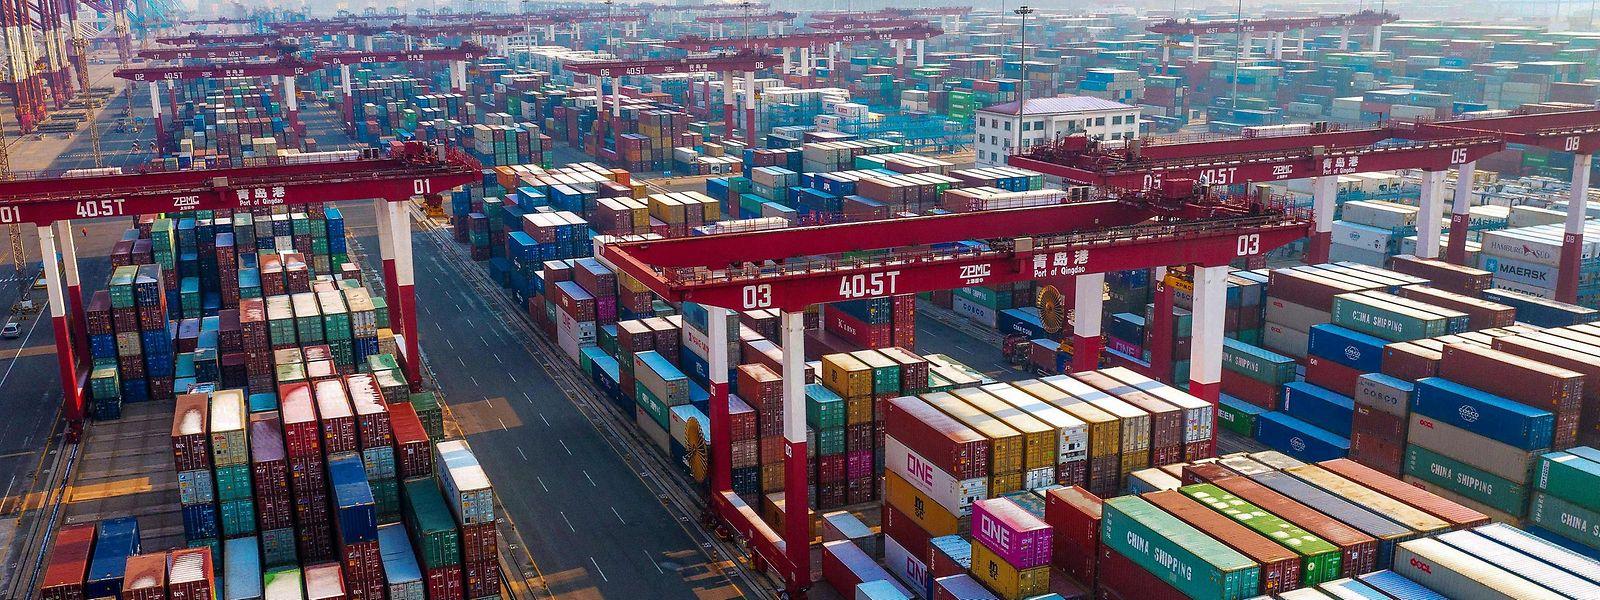 Die Häfen in China quillen über: viele der Container hier enthalten Komponenten, die in Europa benötigt werden.